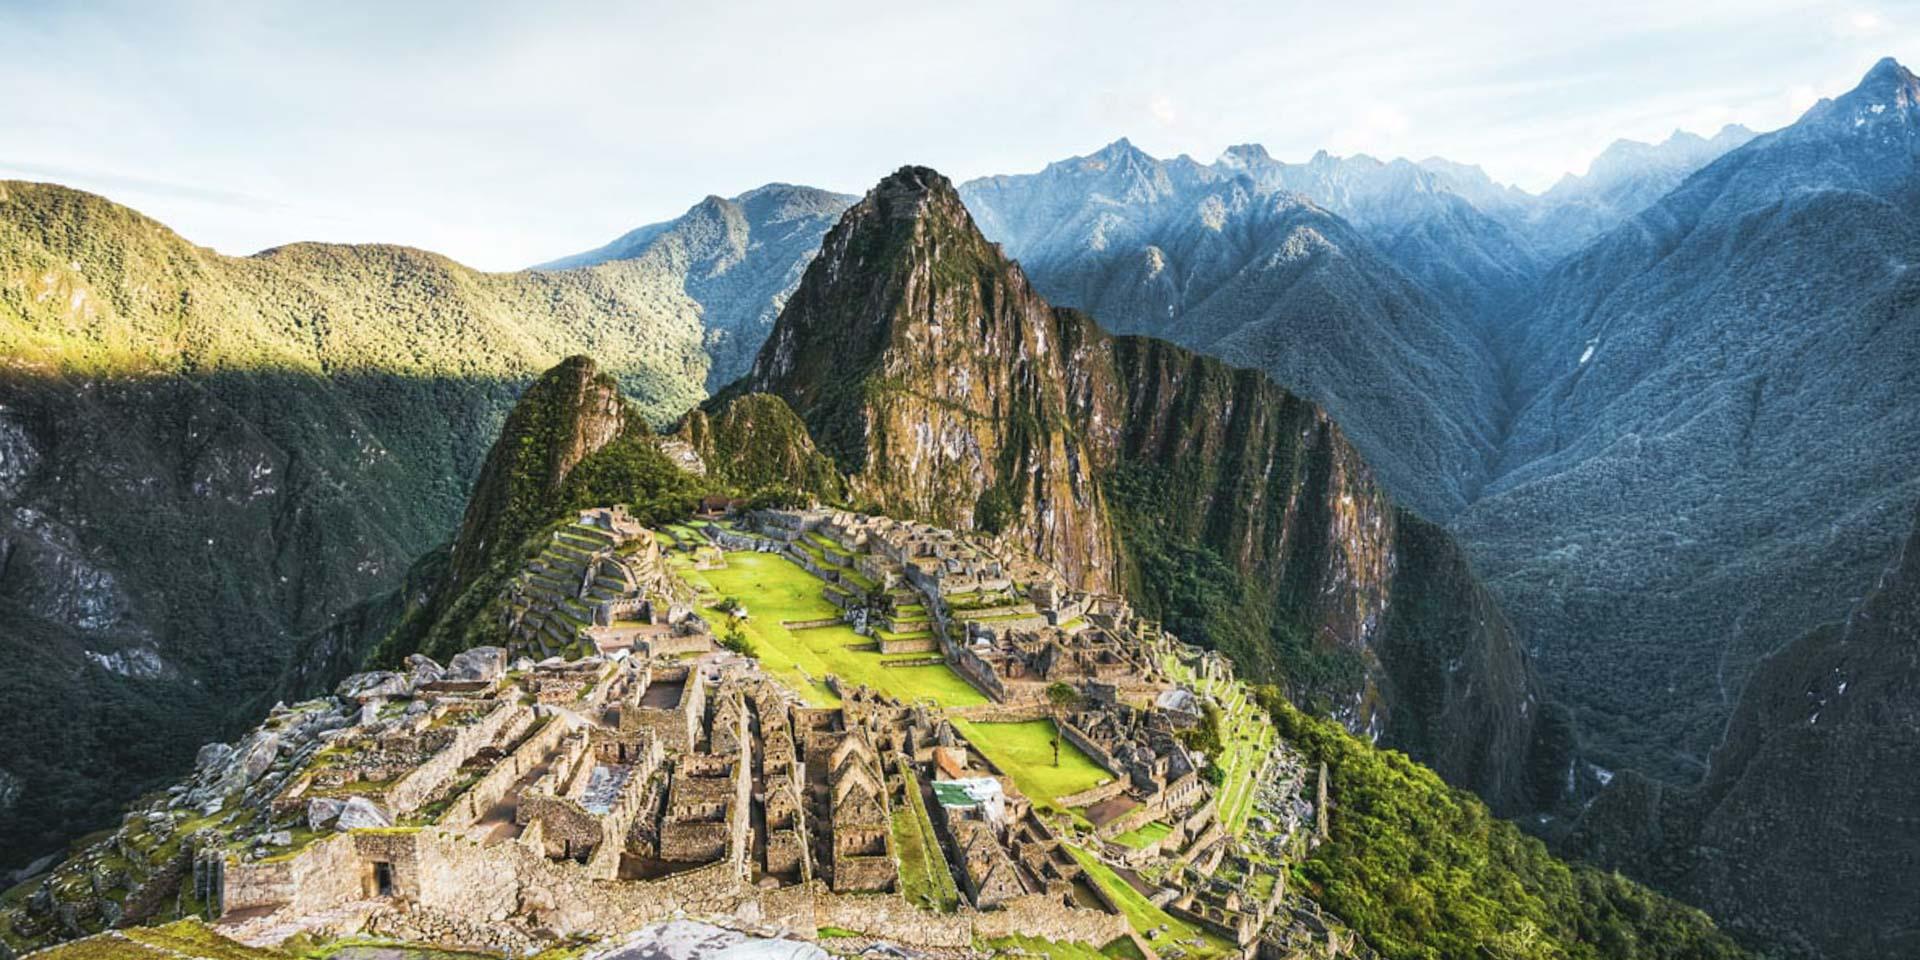 Foto portada Tour Valle Sagrado Machu Picchu Maras Moray Chinchero. Historia de Machu Picchu.